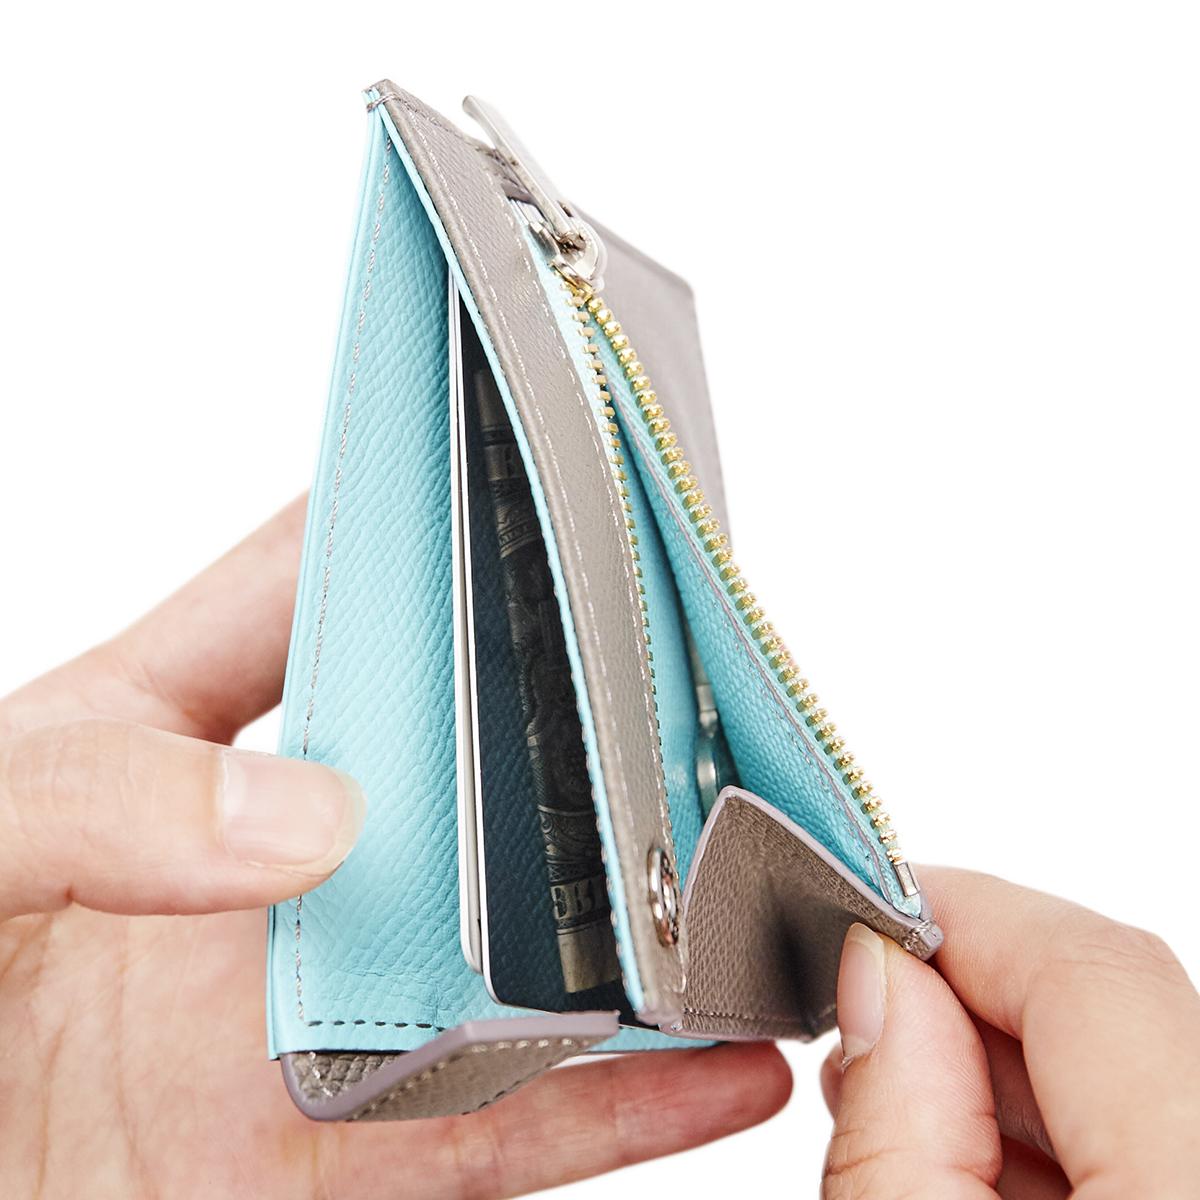 カードを見える化、カードや紙幣がひと目でわかる革財布(札入れ)|ALBERTE